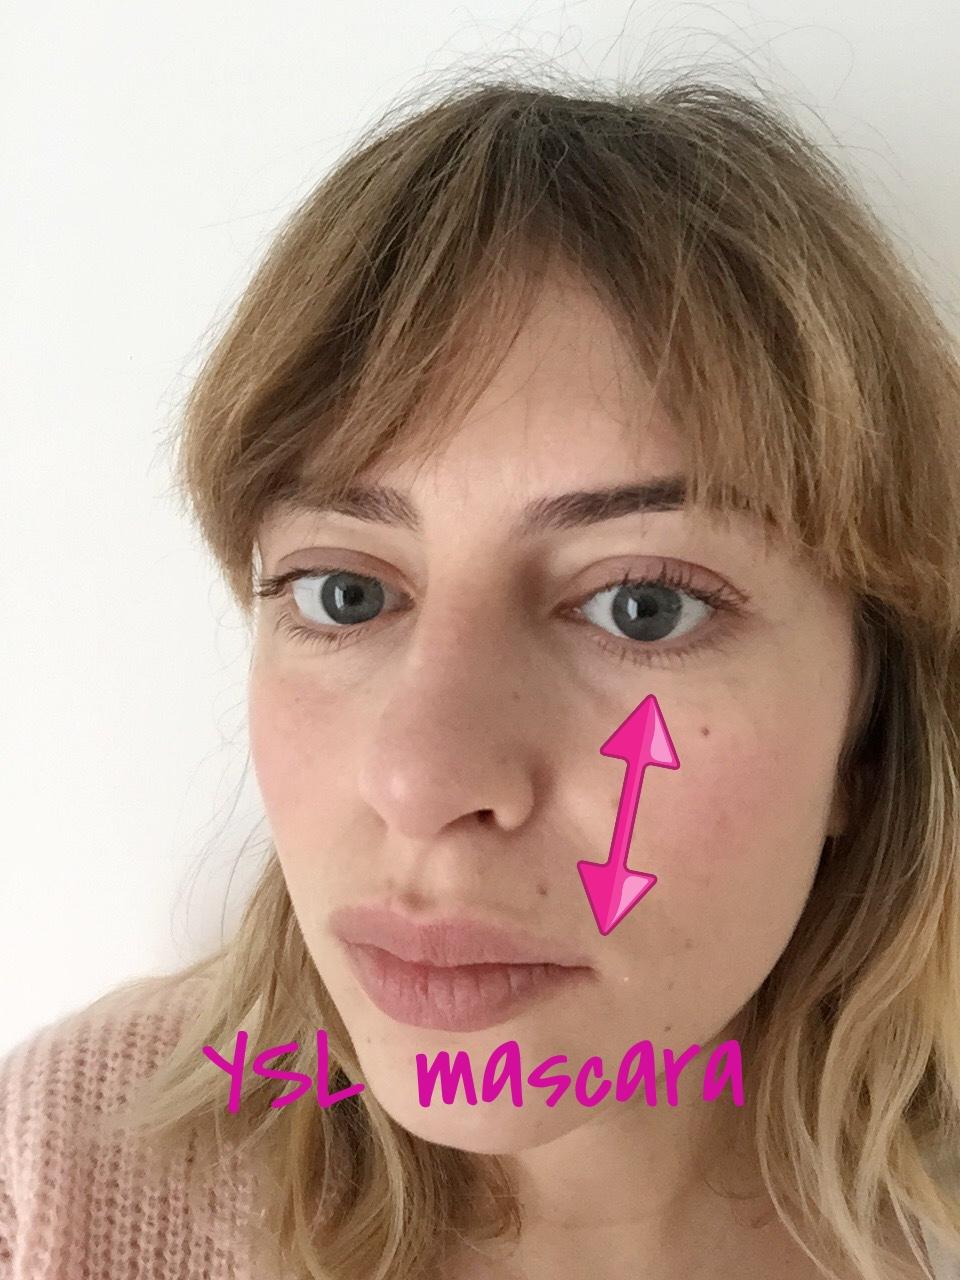 YSL-mascara-Volume-Effet-Faux-Cils